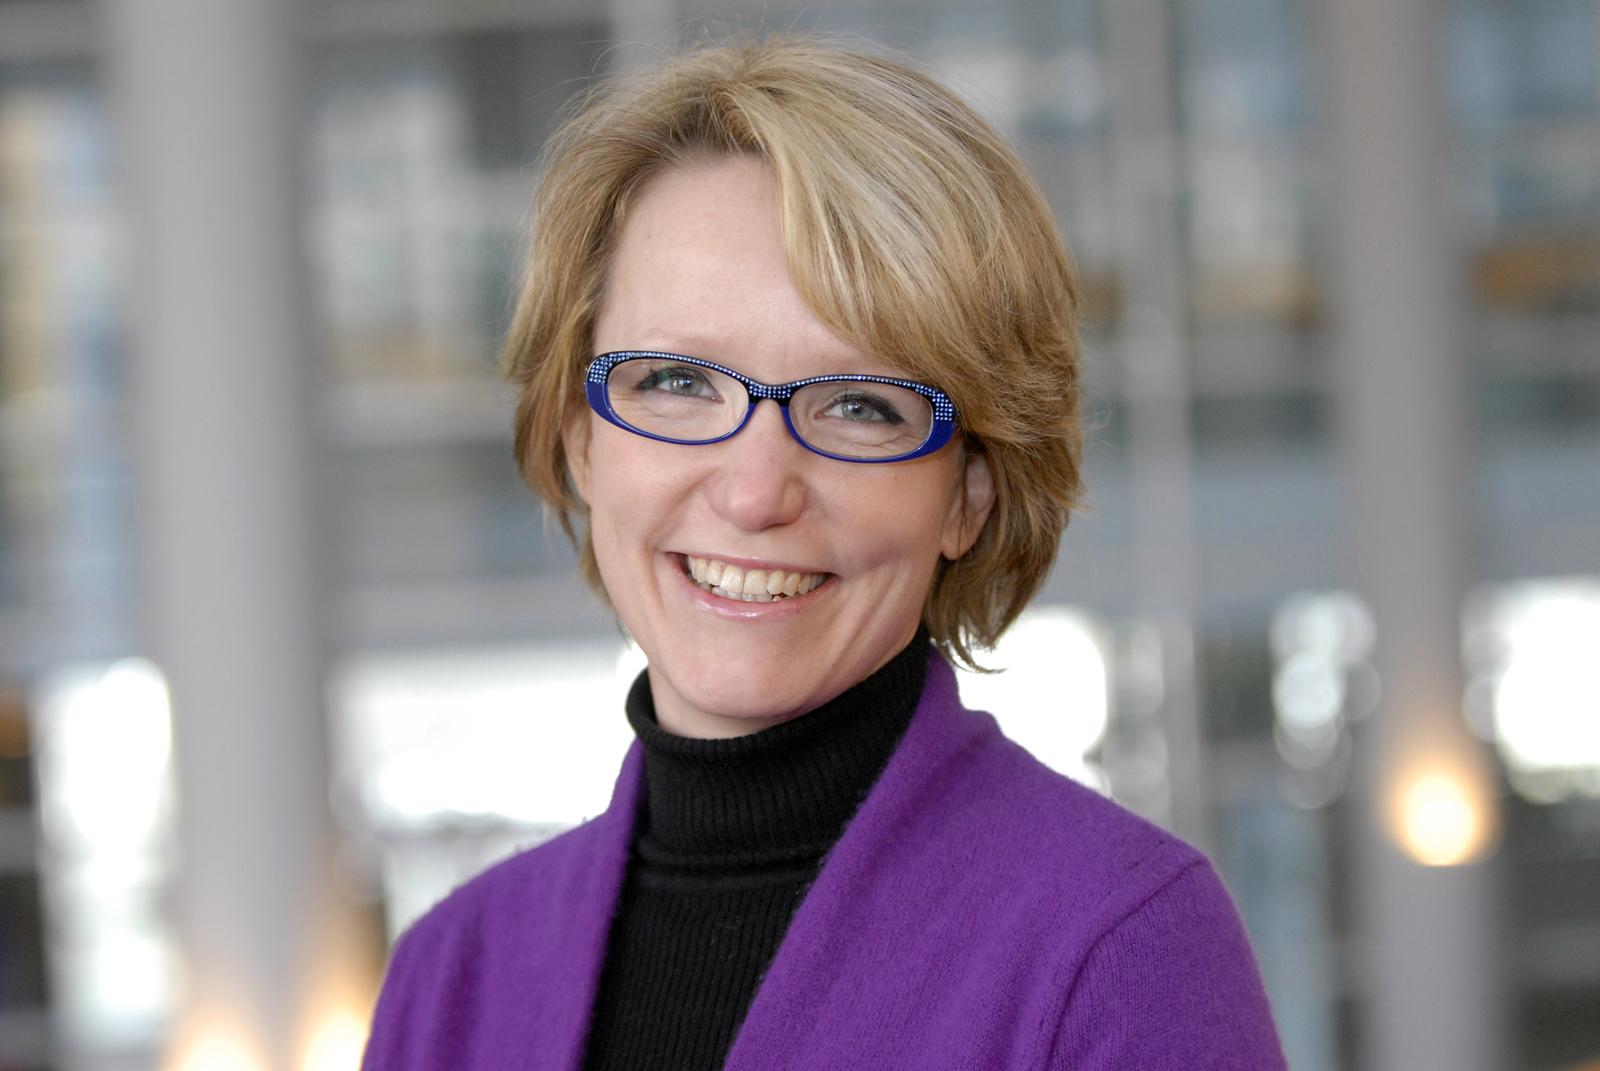 Mieux connaître les profs de finance d'Audencia Nantes Ecole de Management : Carine Girard